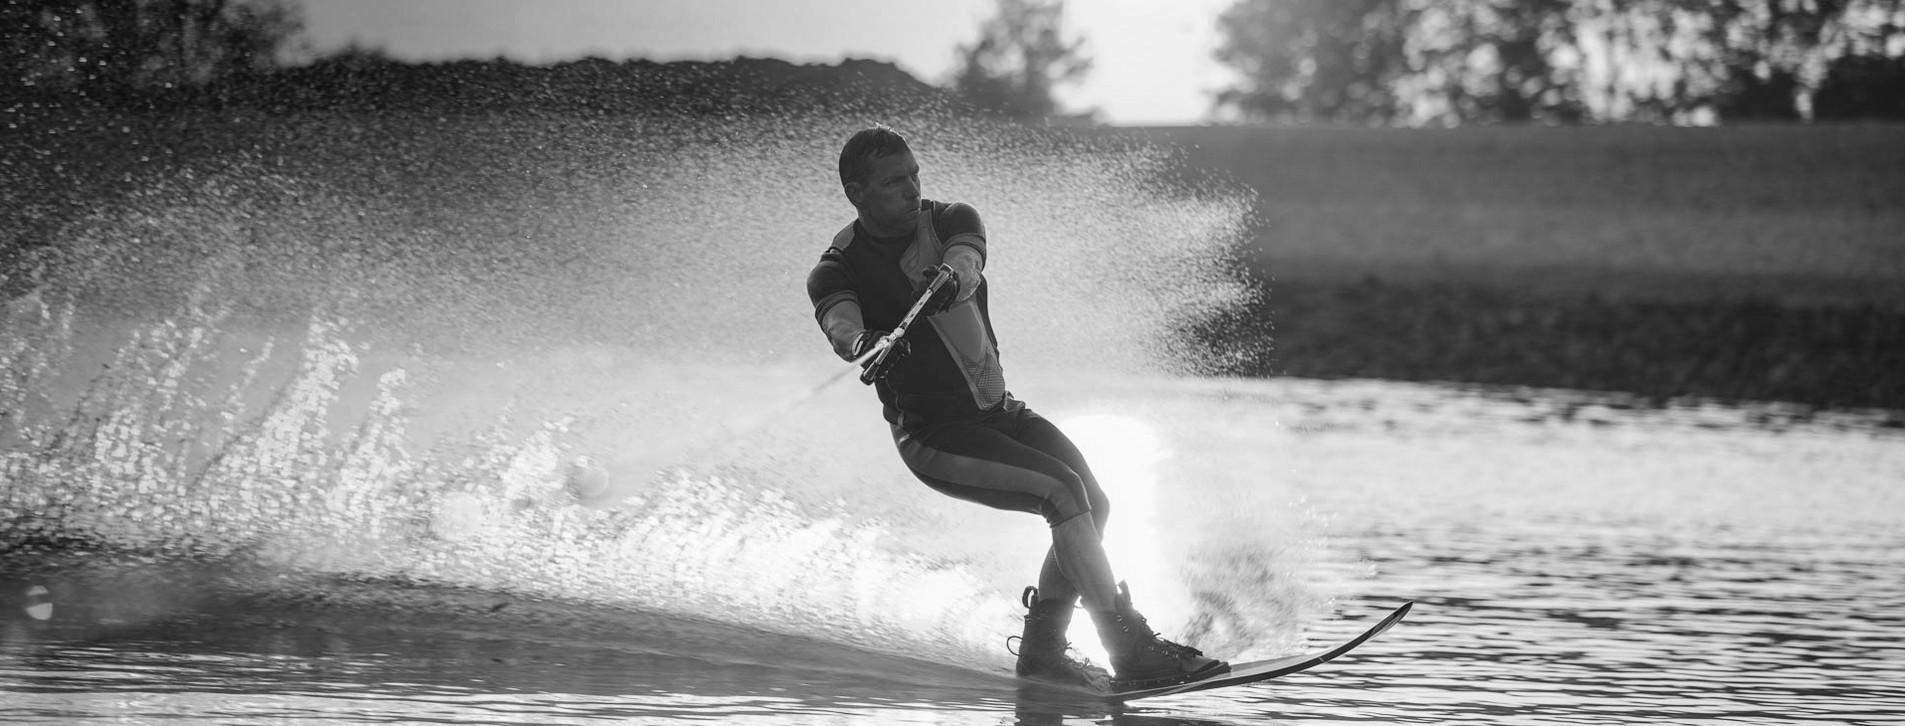 Фото - Катание на водных лыжах для двоих